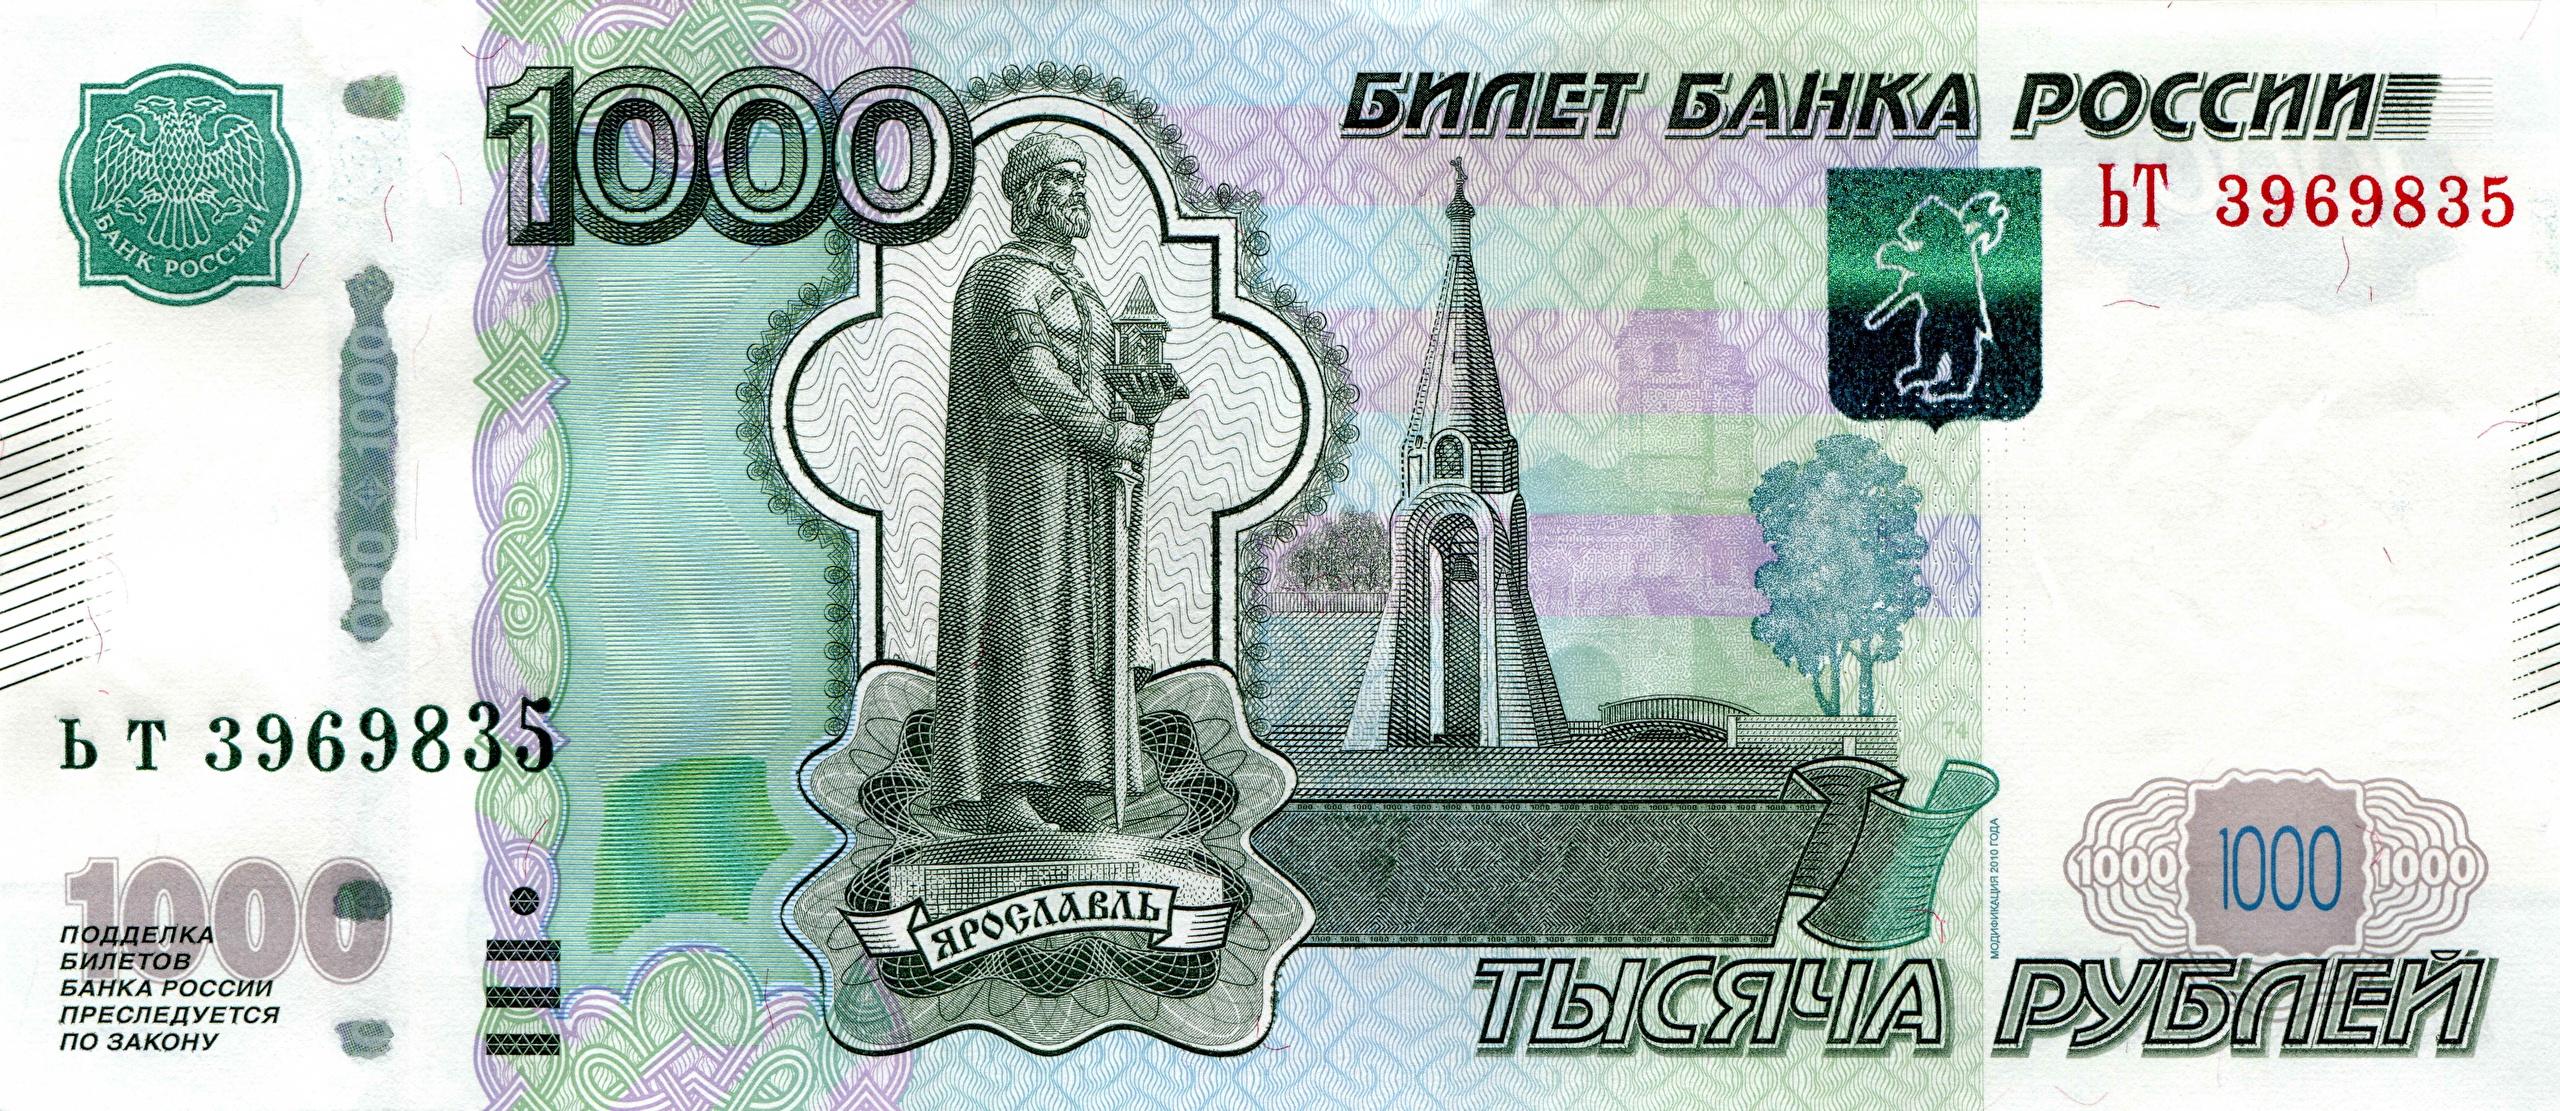 Простутутка моска до 1000 рубла 8 фотография